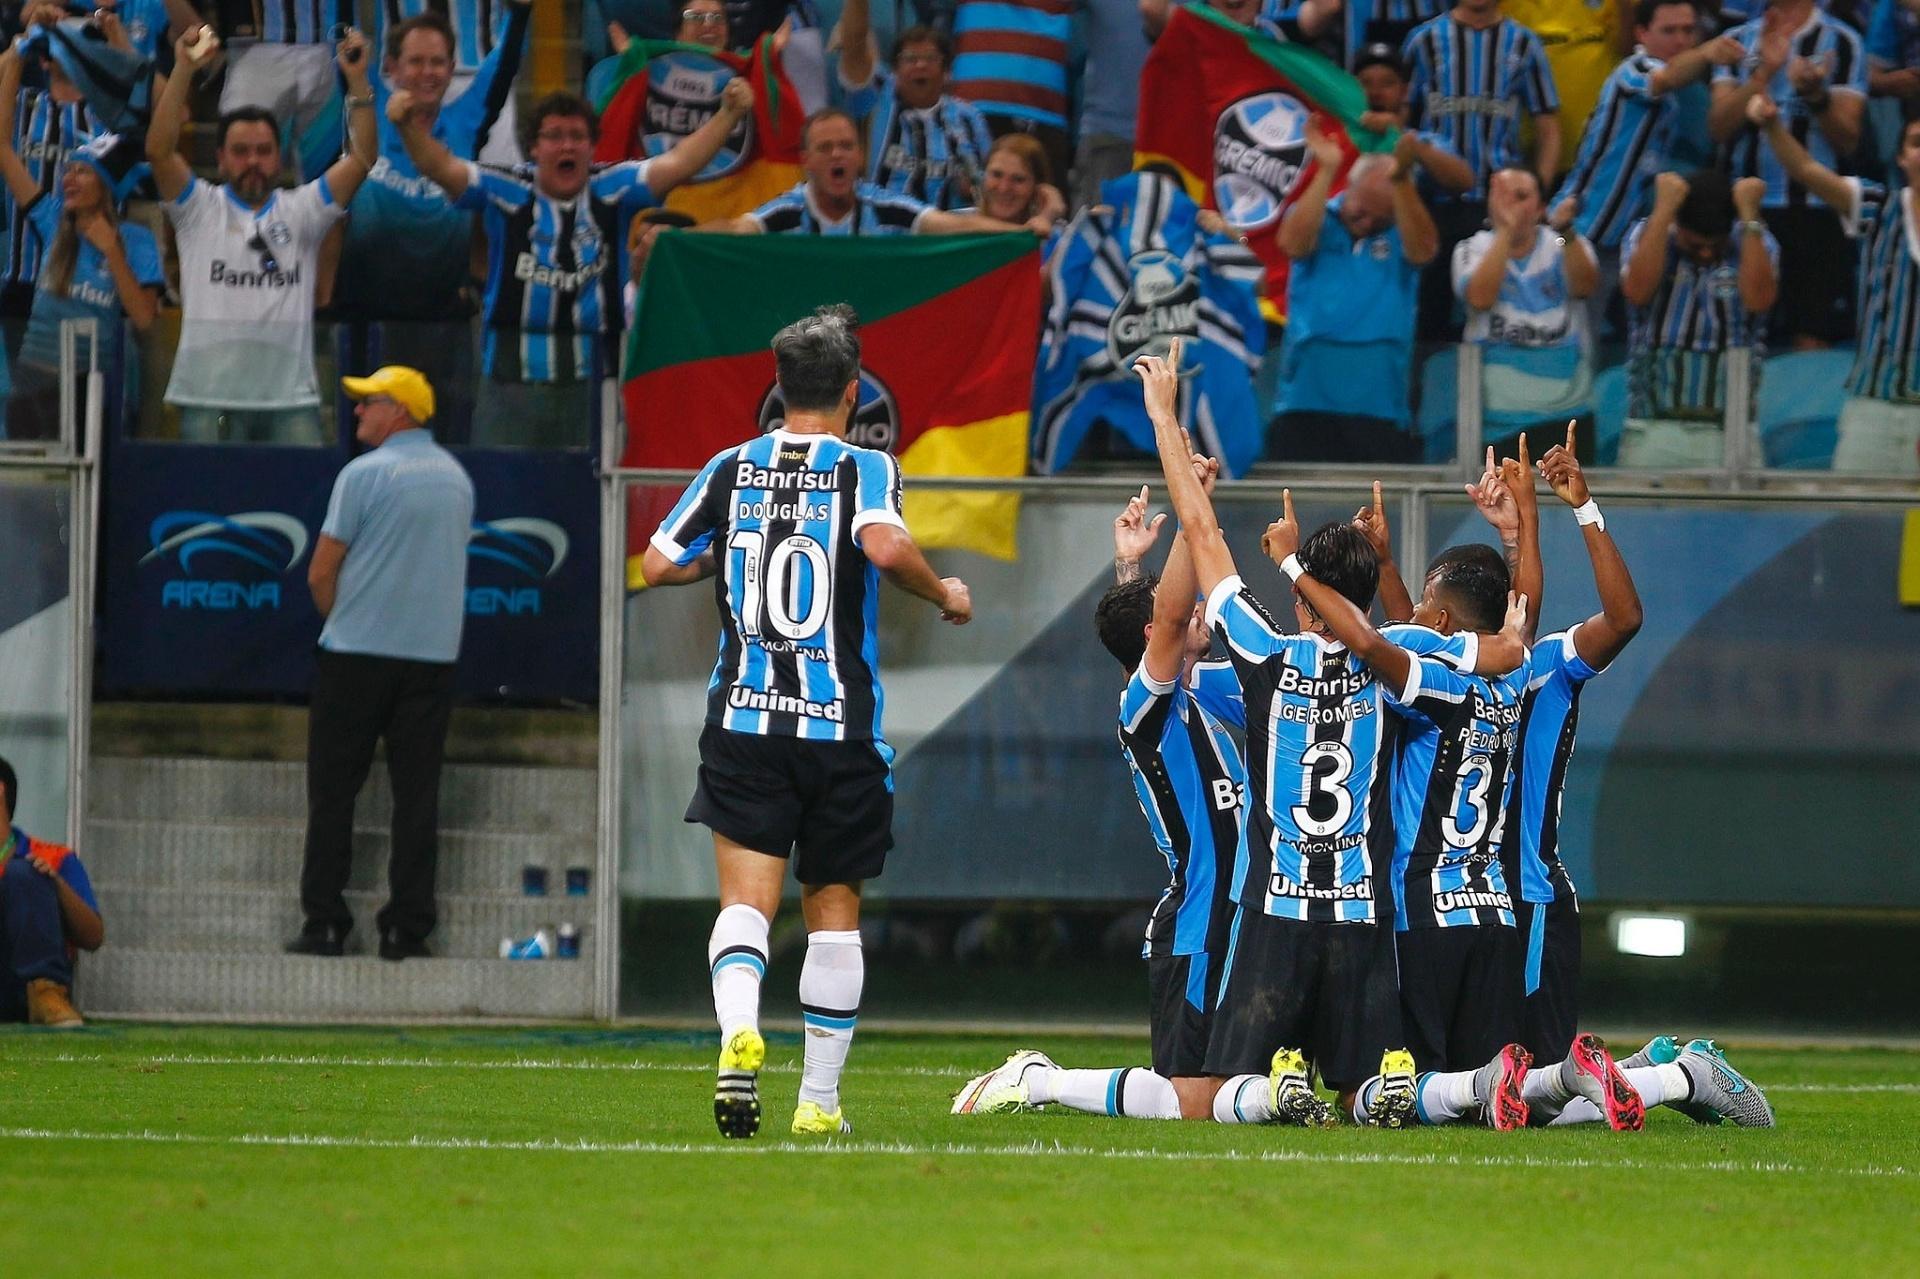 Grêmio humilha o Inter no clássico e aplica goleada histórica - 09 08 2015  - UOL Esporte b3ddb9bd5d905